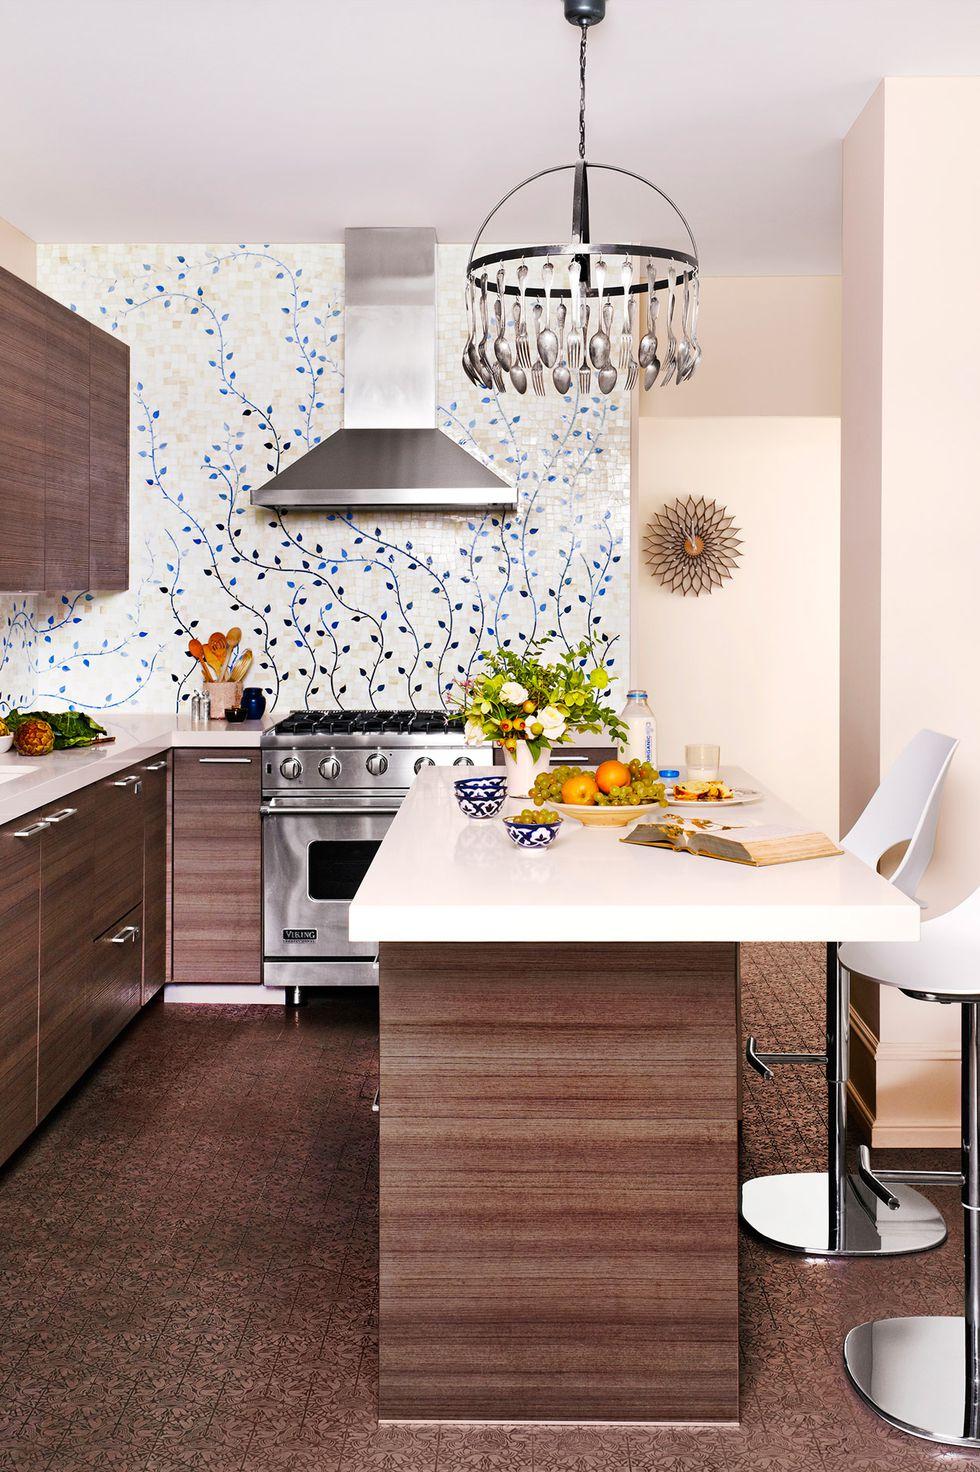 آشپزخانه کم جا و مدرن با کفپوش طرح دار قهوه ای و کابینت های قهوه ای تیره